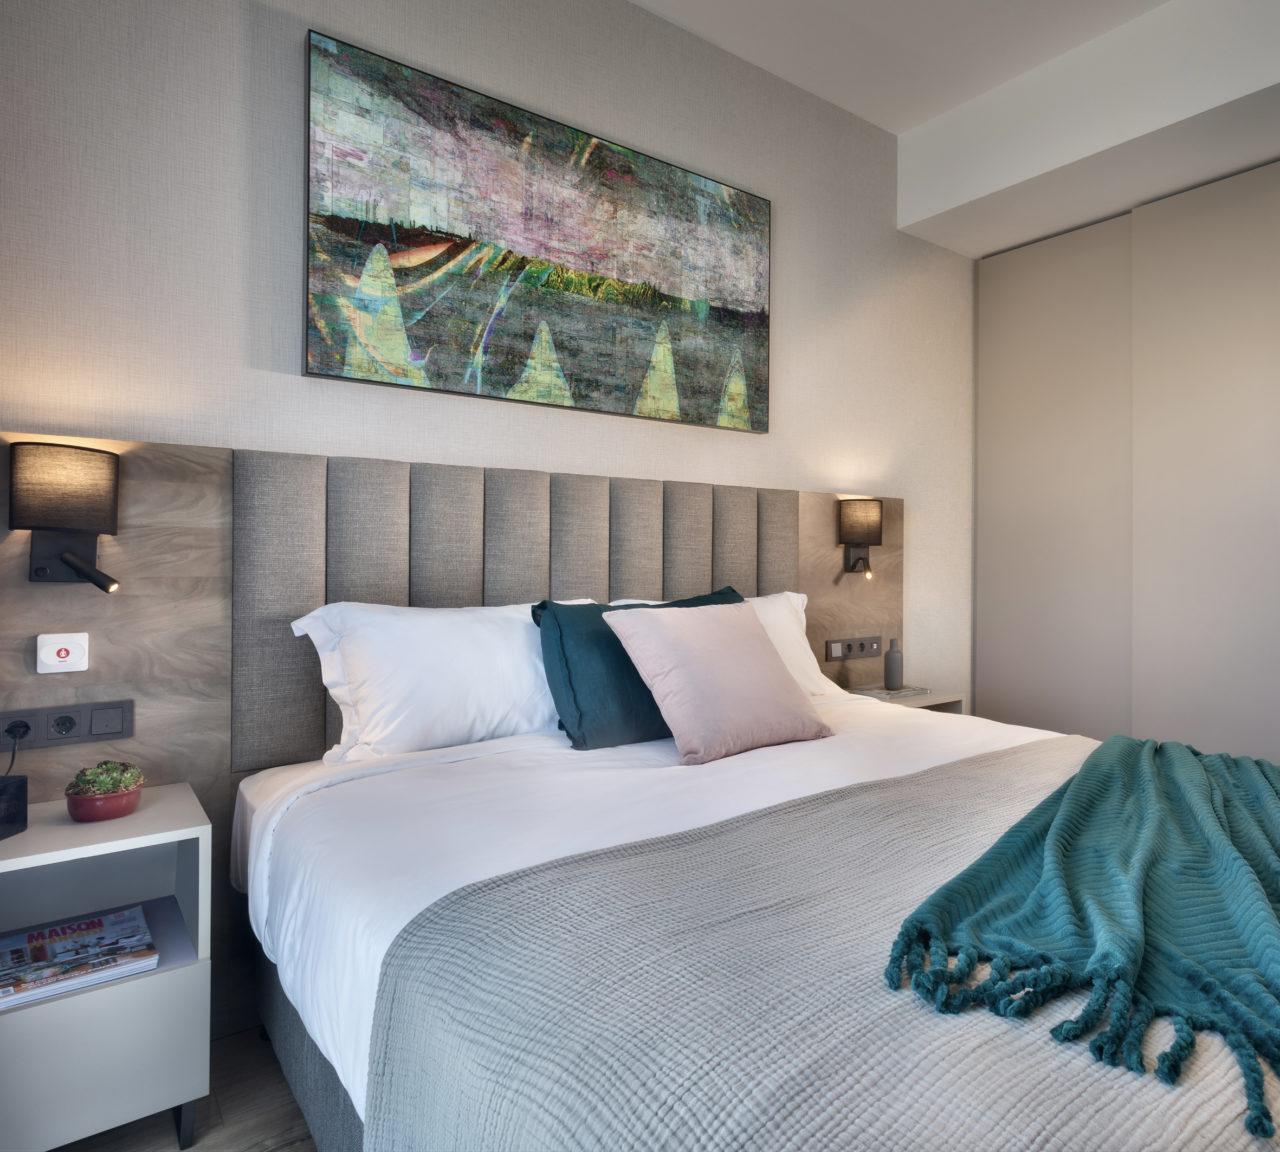 Yatak başlarındaki butonla dairenin tüm enerjisi kesiliyor ve üyelere kaliteli bir uykunun keyfini sürmek kalıyor.